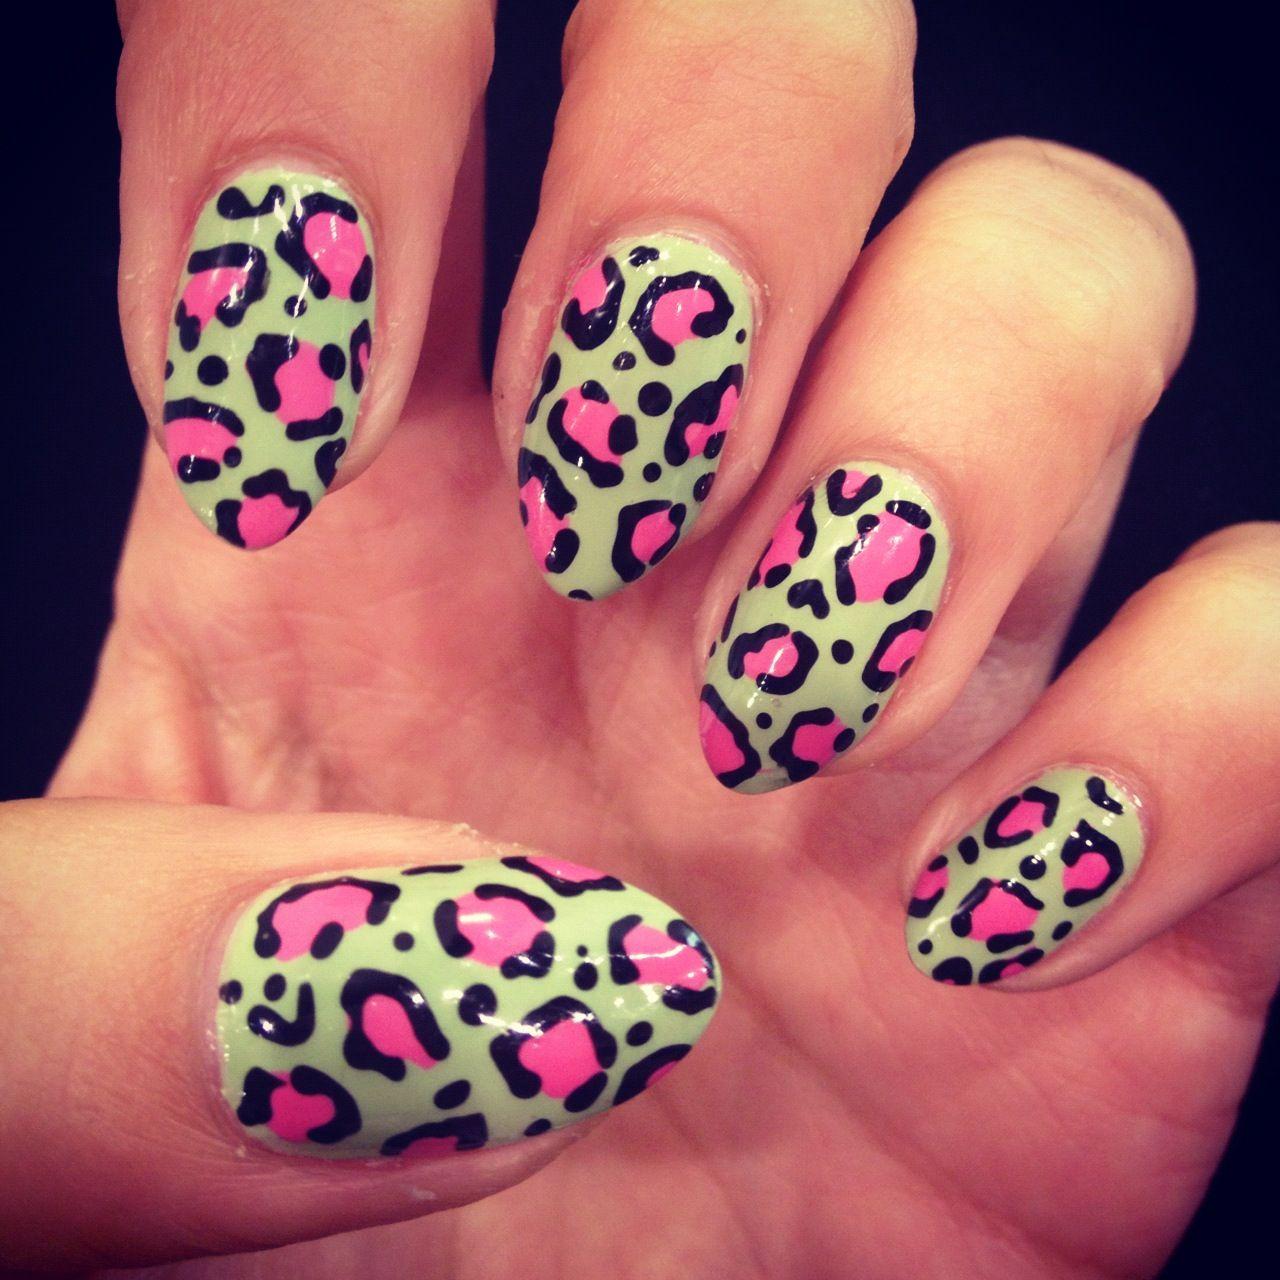 nails/tumblr - Google-Suche   Nails ❤   Pinterest   Nails, Suche ...